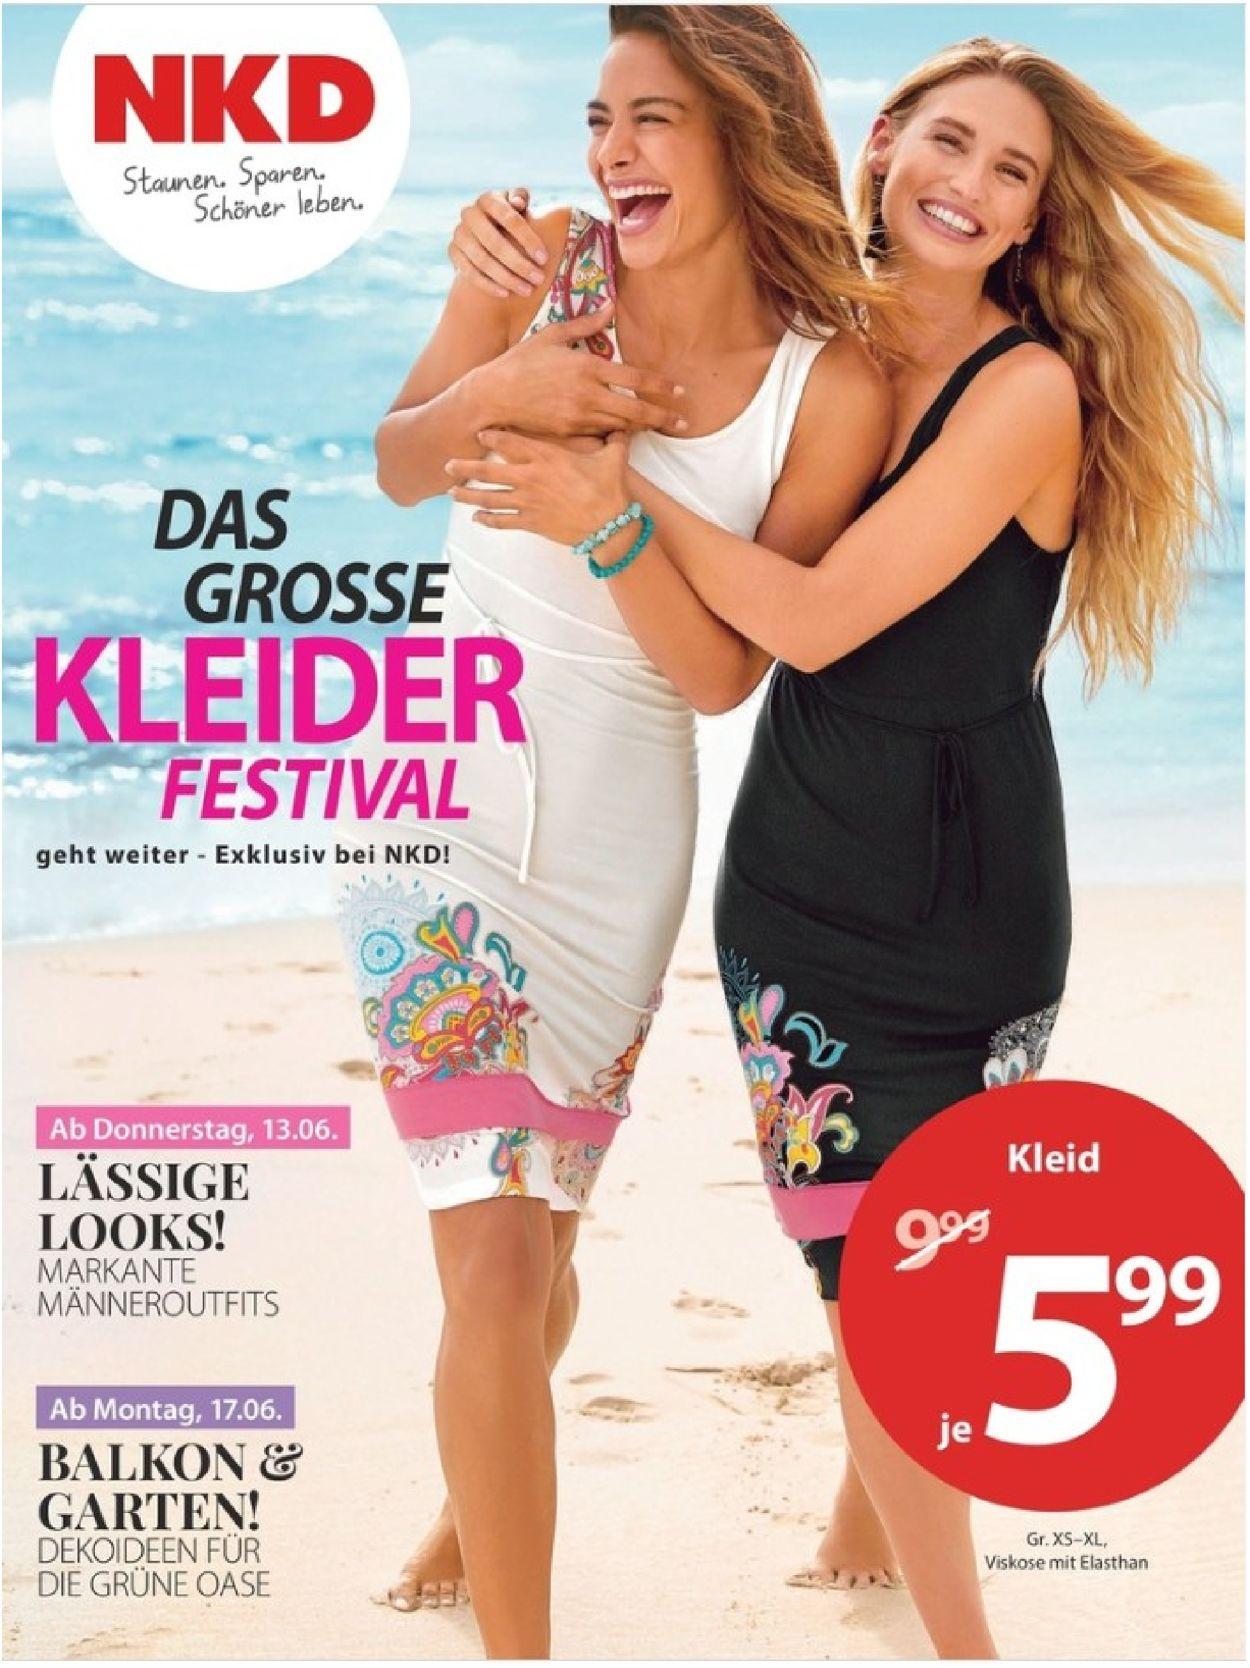 Großhändler der Verkauf von Schuhen Luxus NKD Aktueller Prospekt 13.06 - 23.06.2019 - jedewoche-rabatte.de